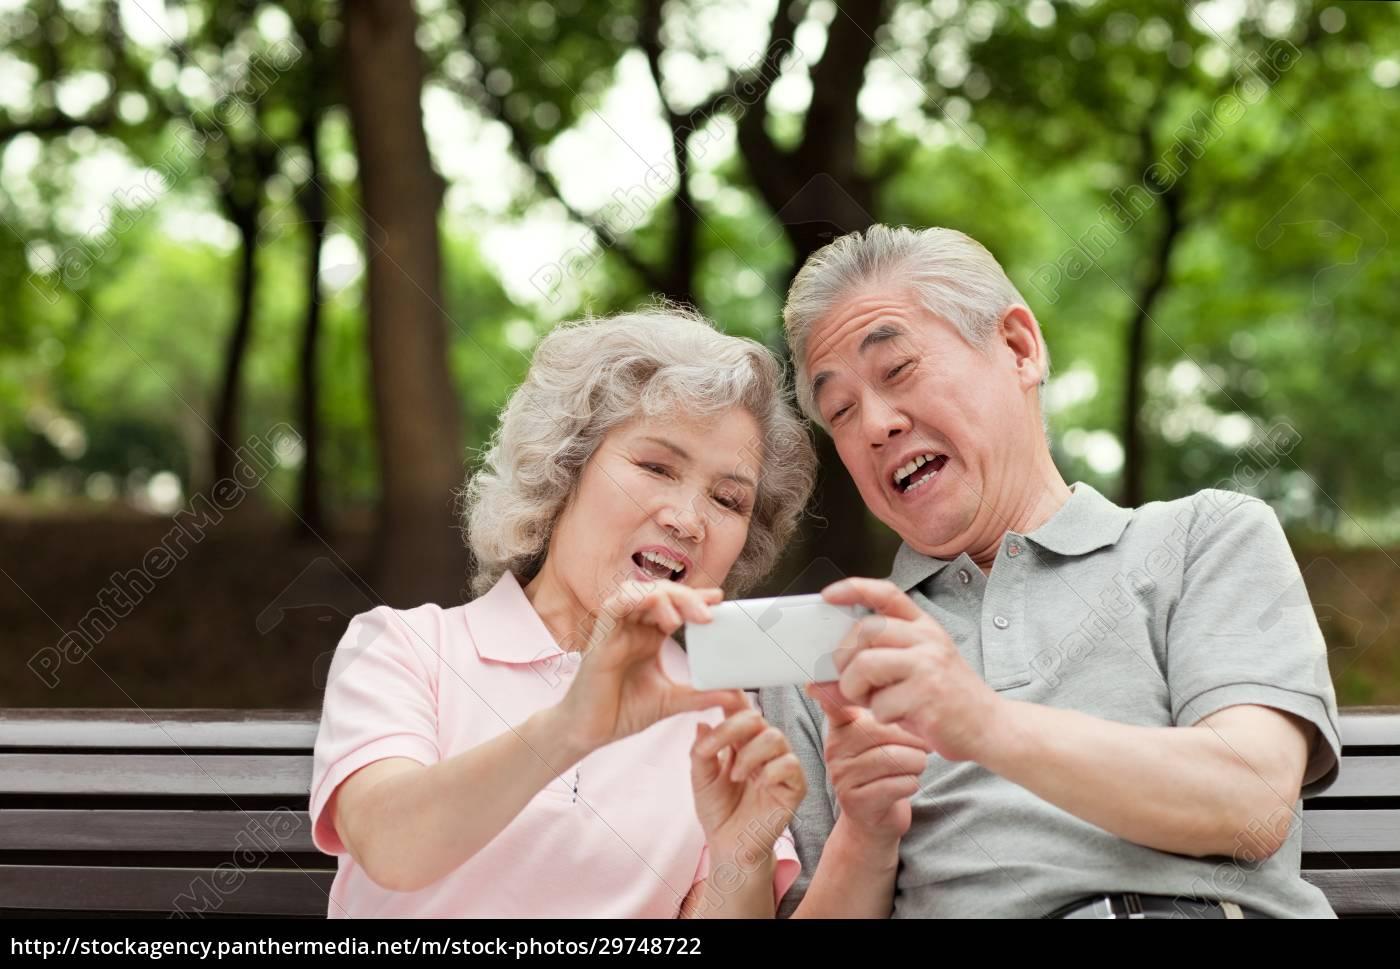 digital, life, of, older, people - 29748722